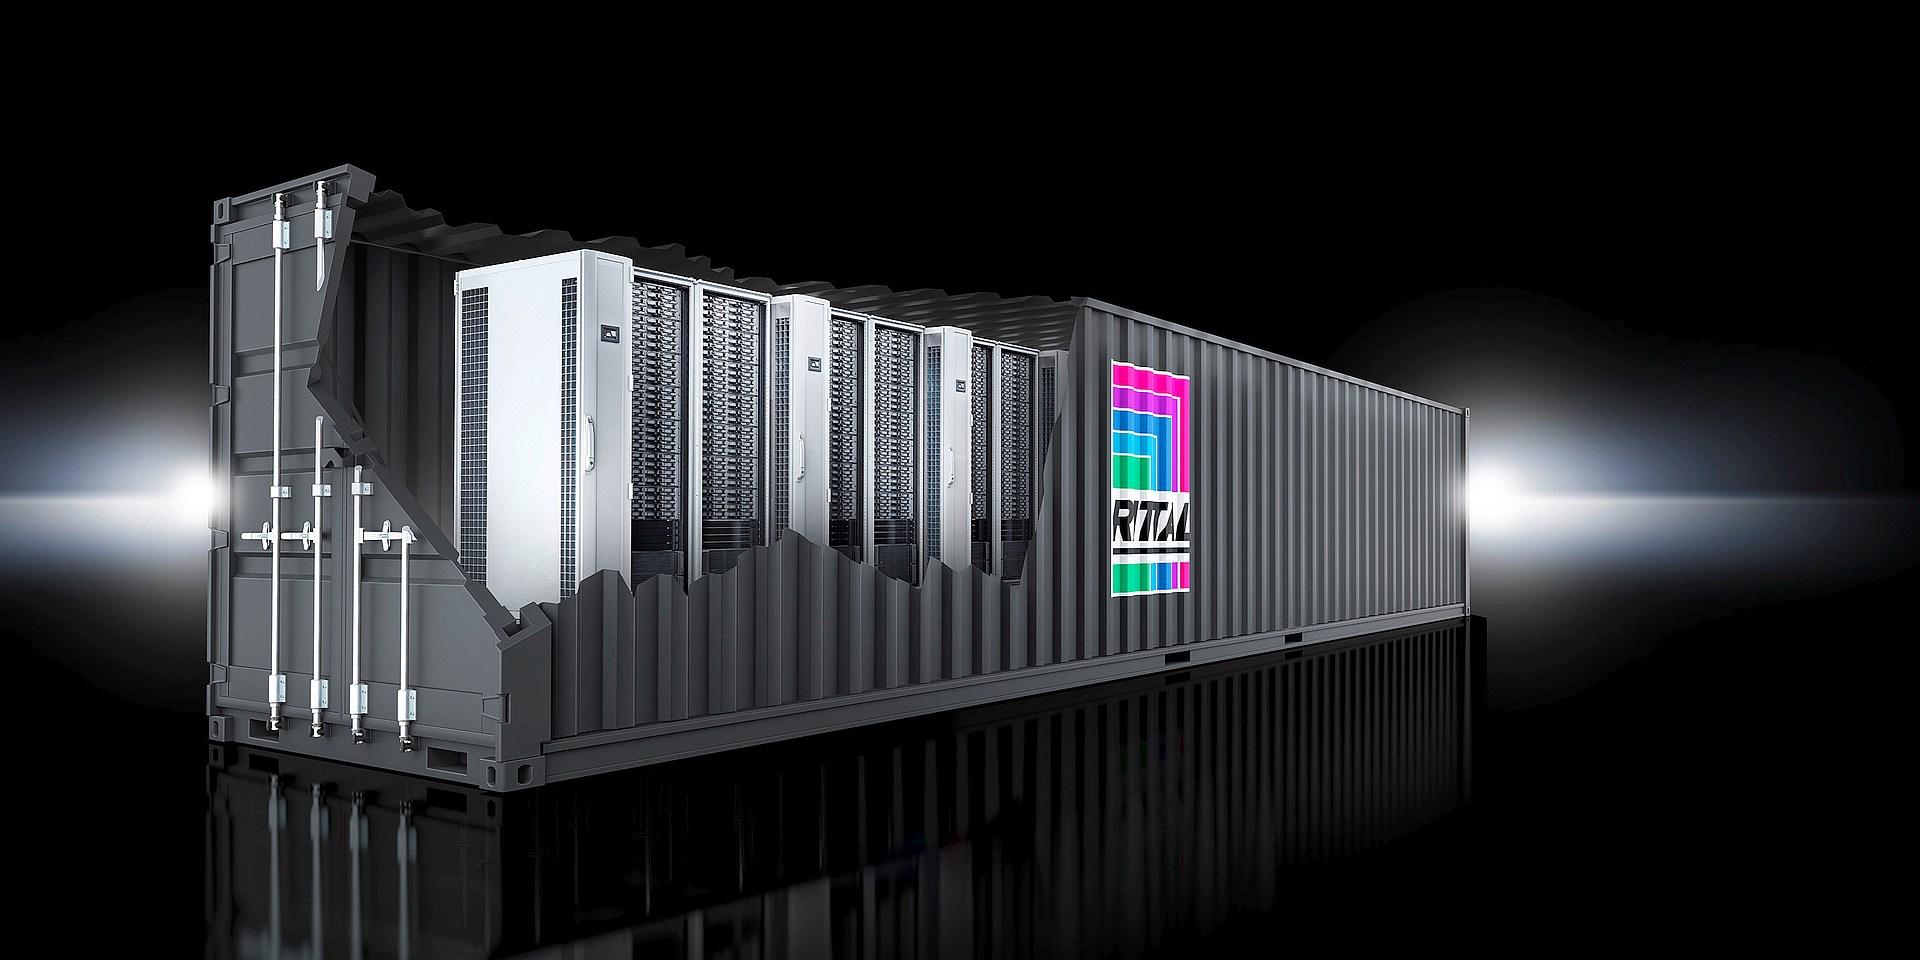 Bildergebnis für modulare rechenzentren im container